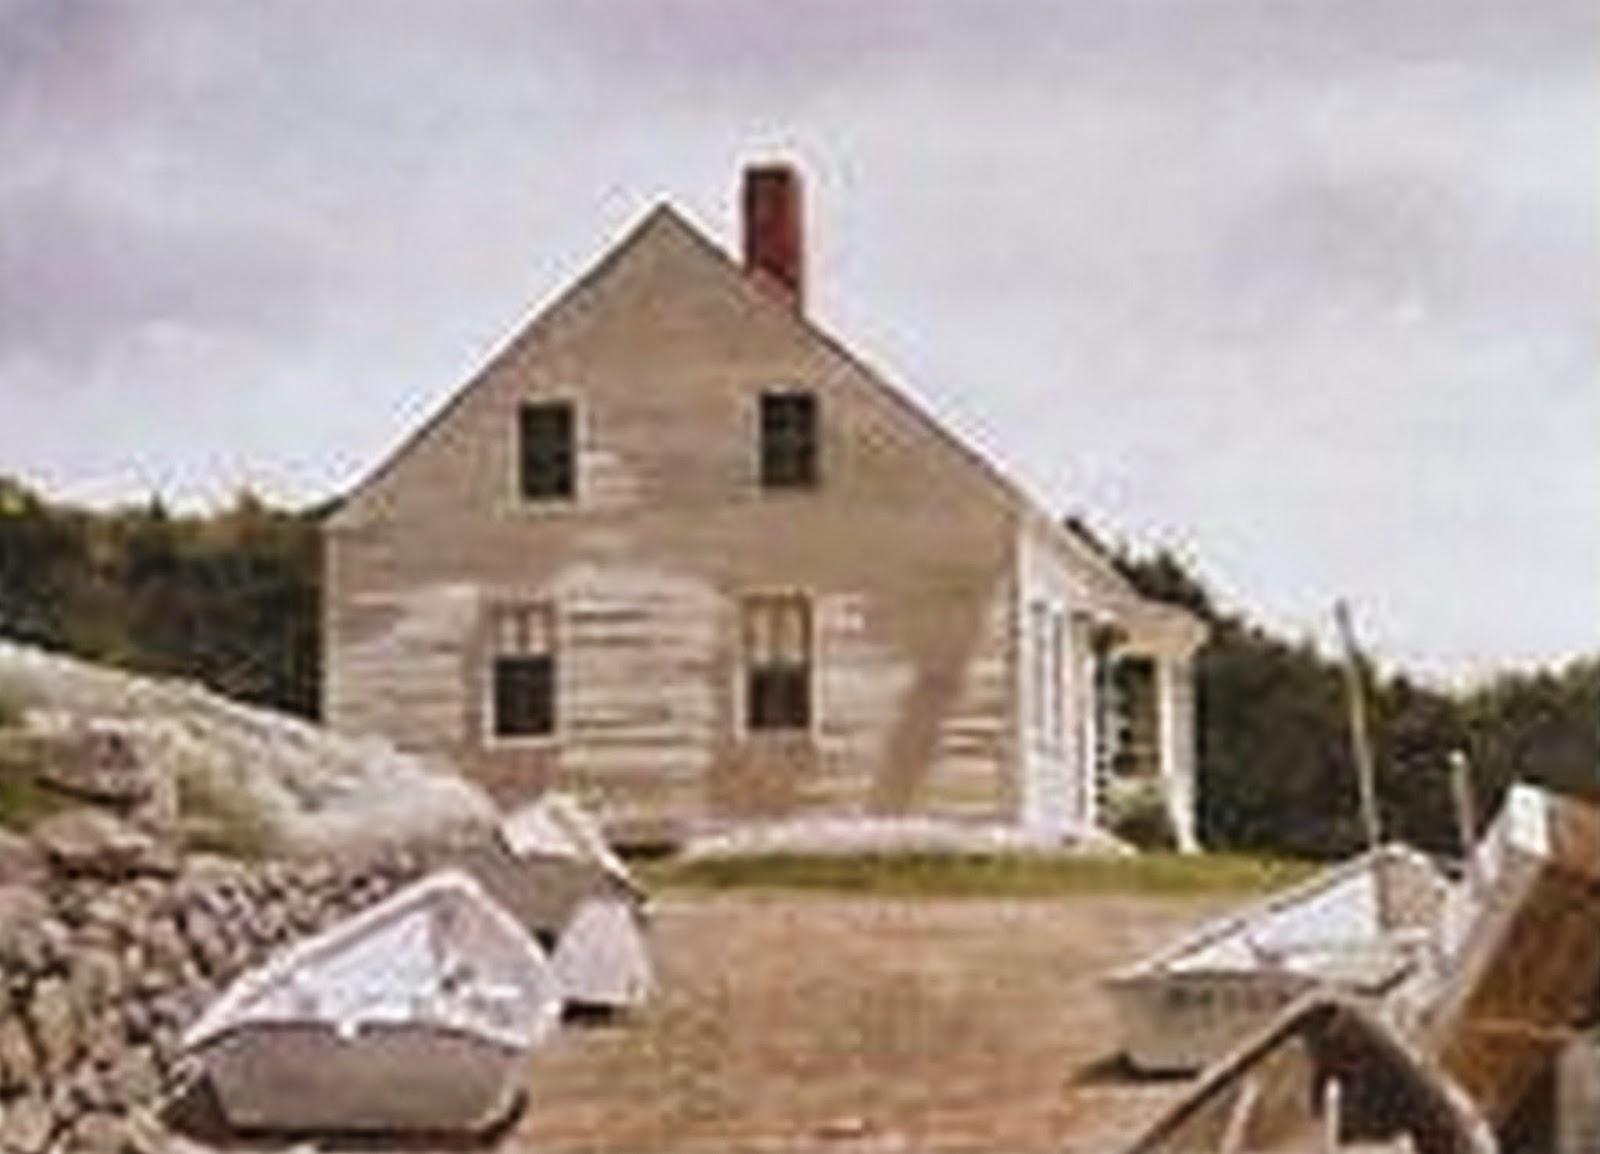 paisajes-realistas-con-casas